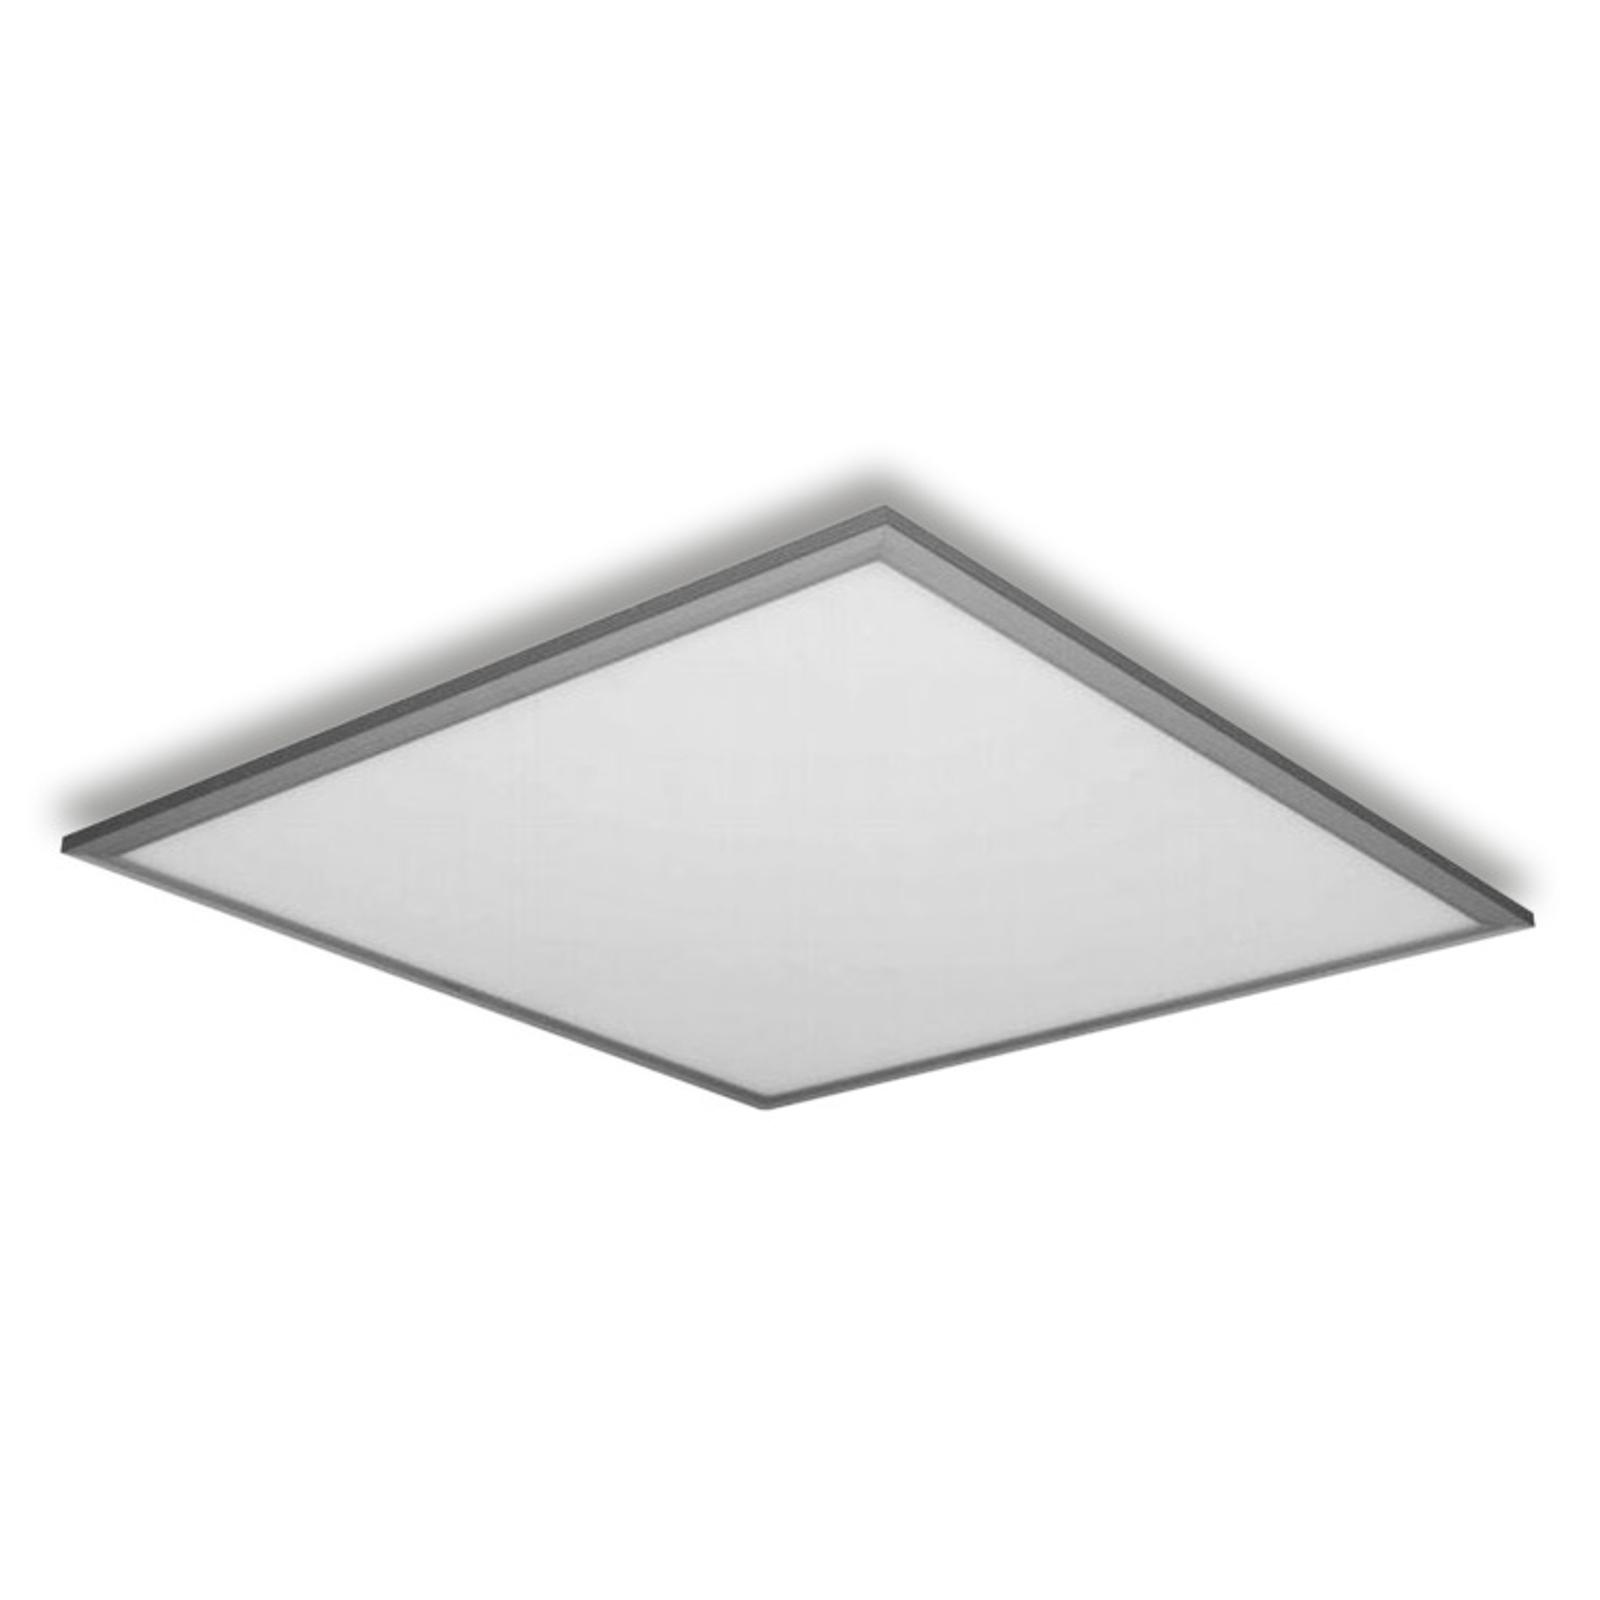 Panneau LED Edge All-in-One, blanc chaud, DALI